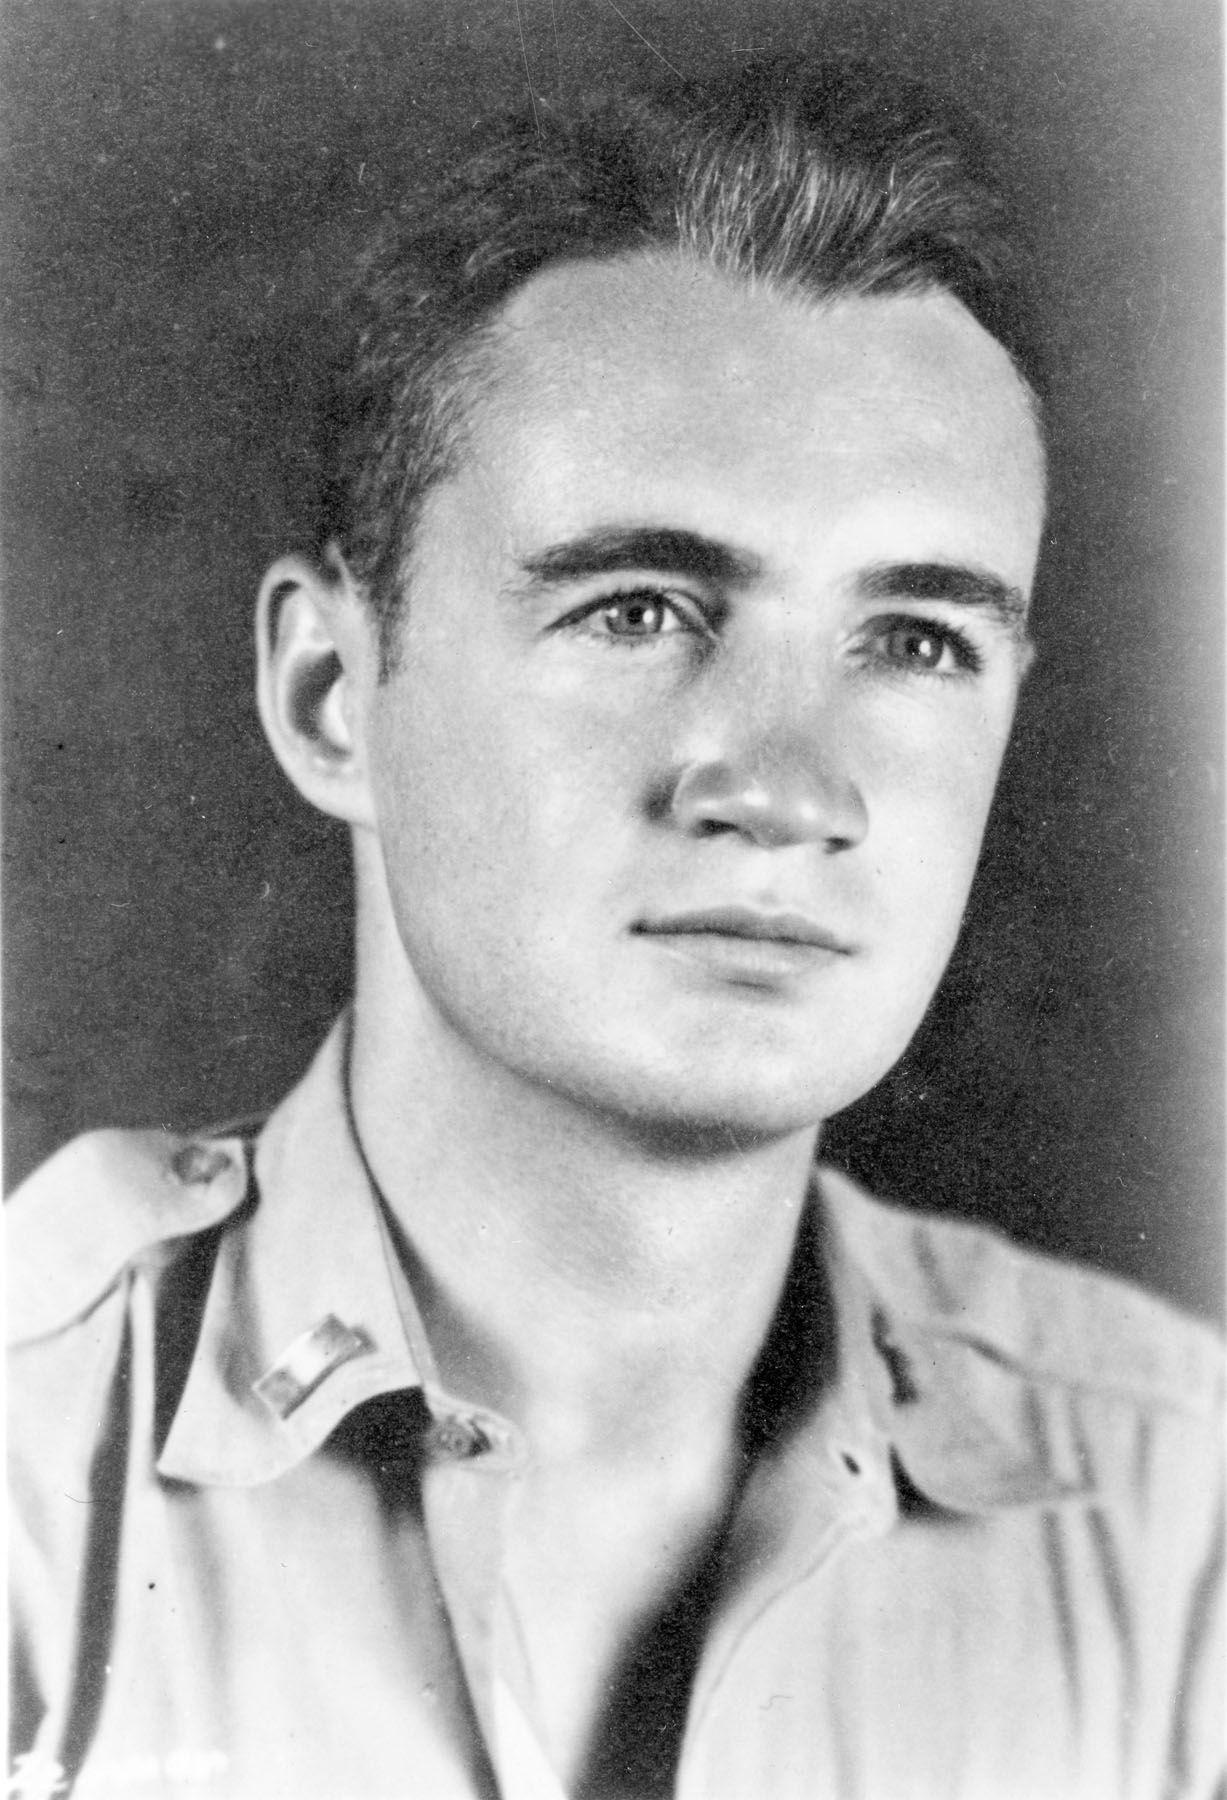 Medal Of Honor Winner Jay Zeamer B17 Pilot Medal Of Honor